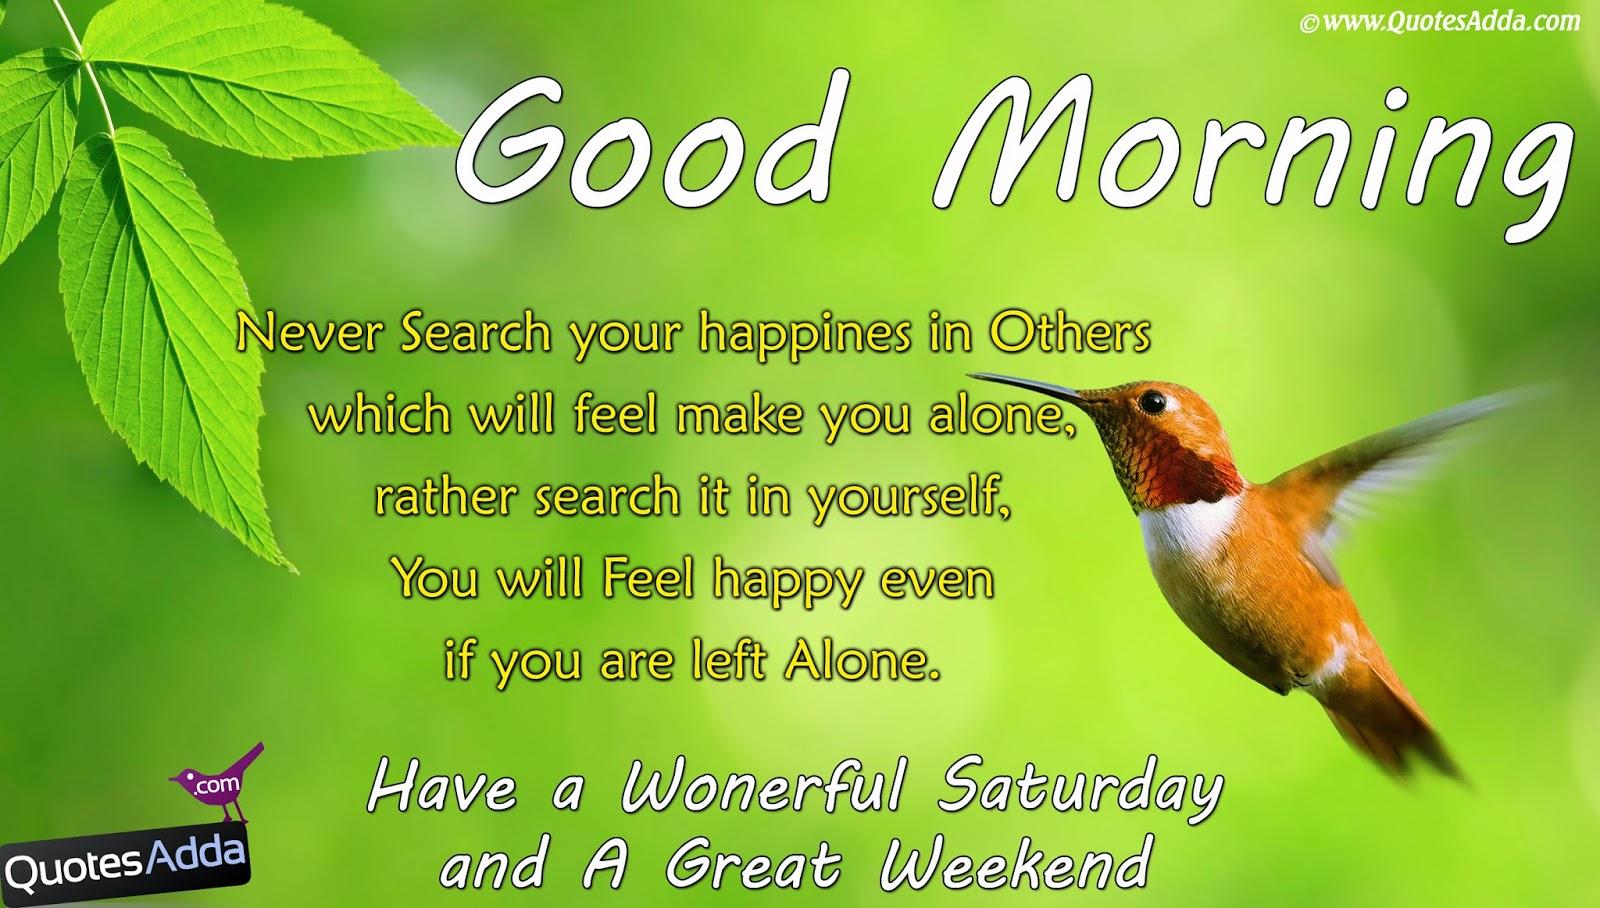 Best Good Morning Quotes Quotesgram: Good Morning Saturday Quotes. QuotesGram